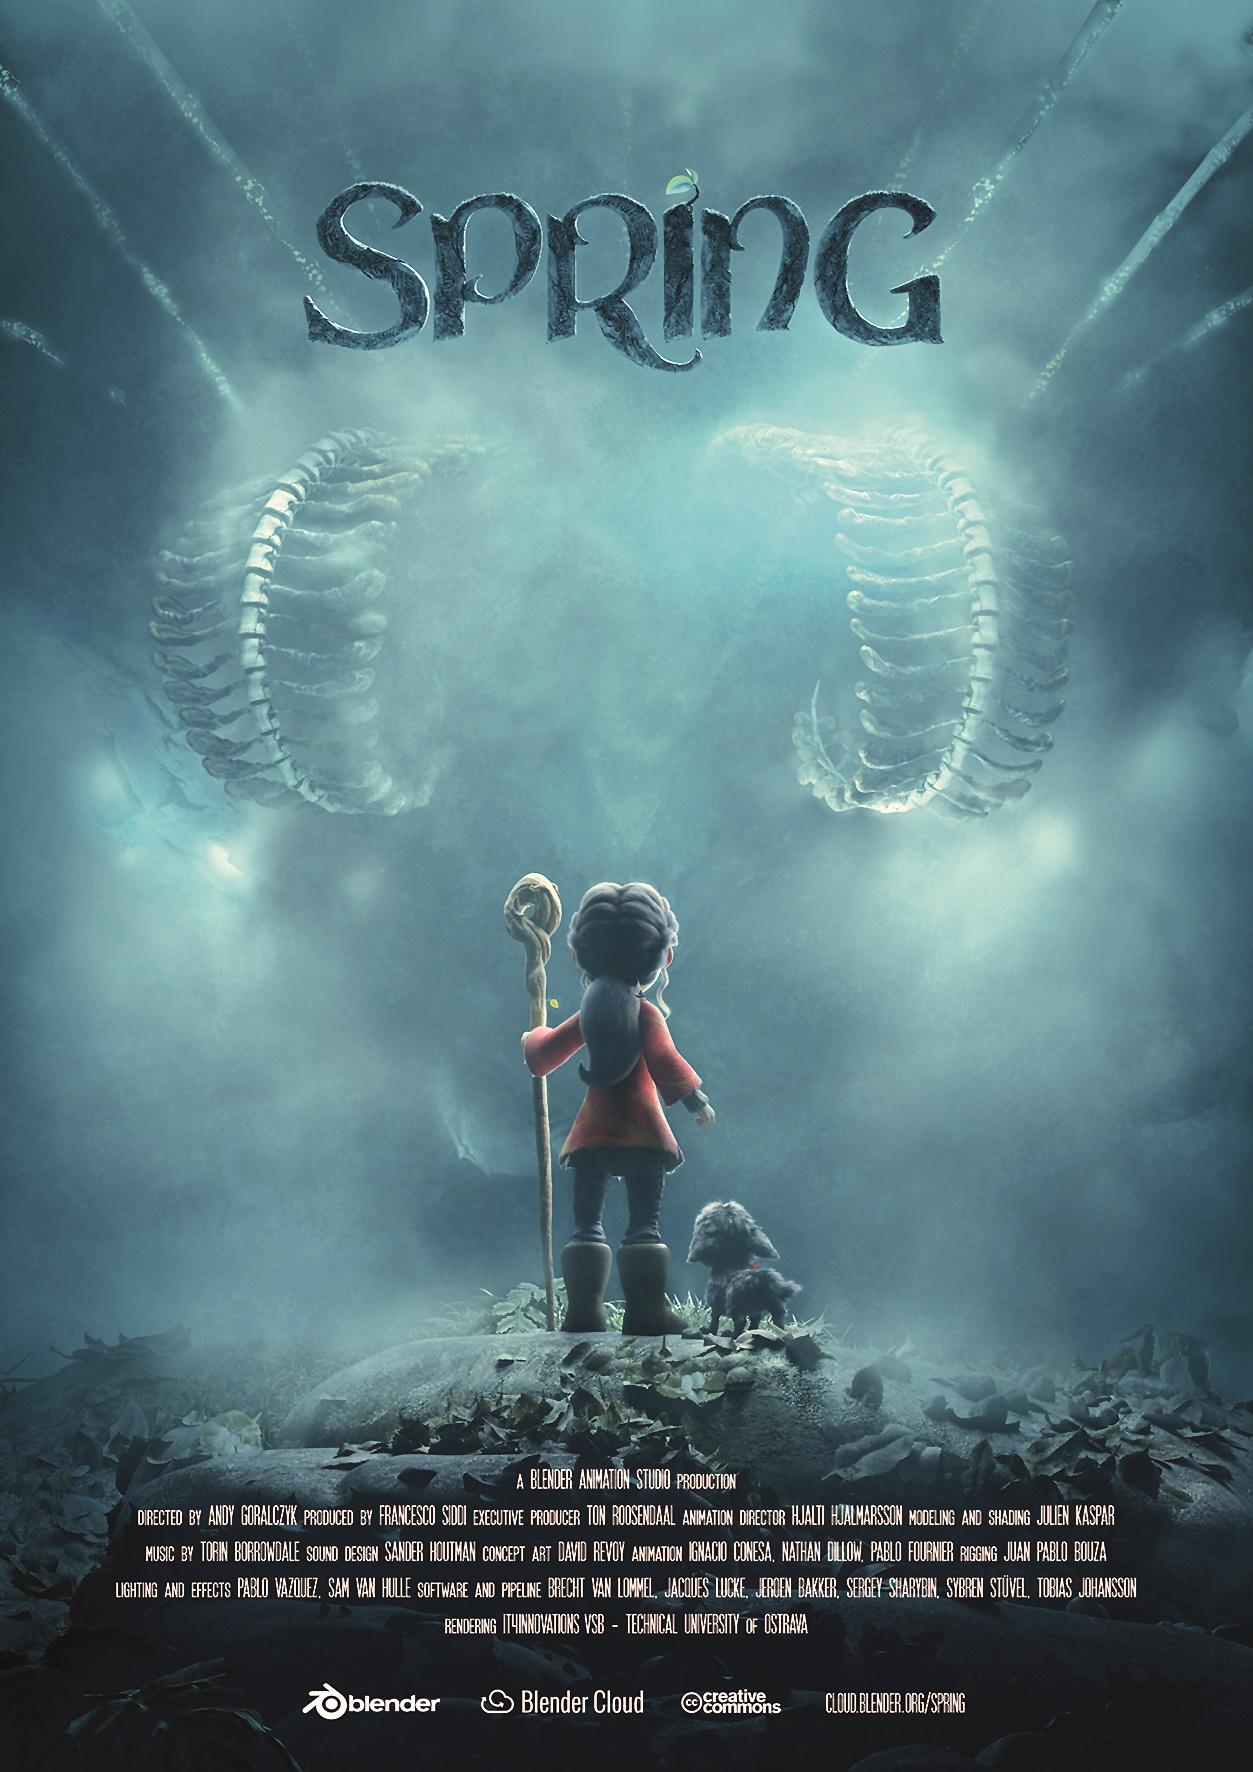 Das alternative Filmplakat zu Spring, dem neuesten Open Movie des Blender Animation Studios.